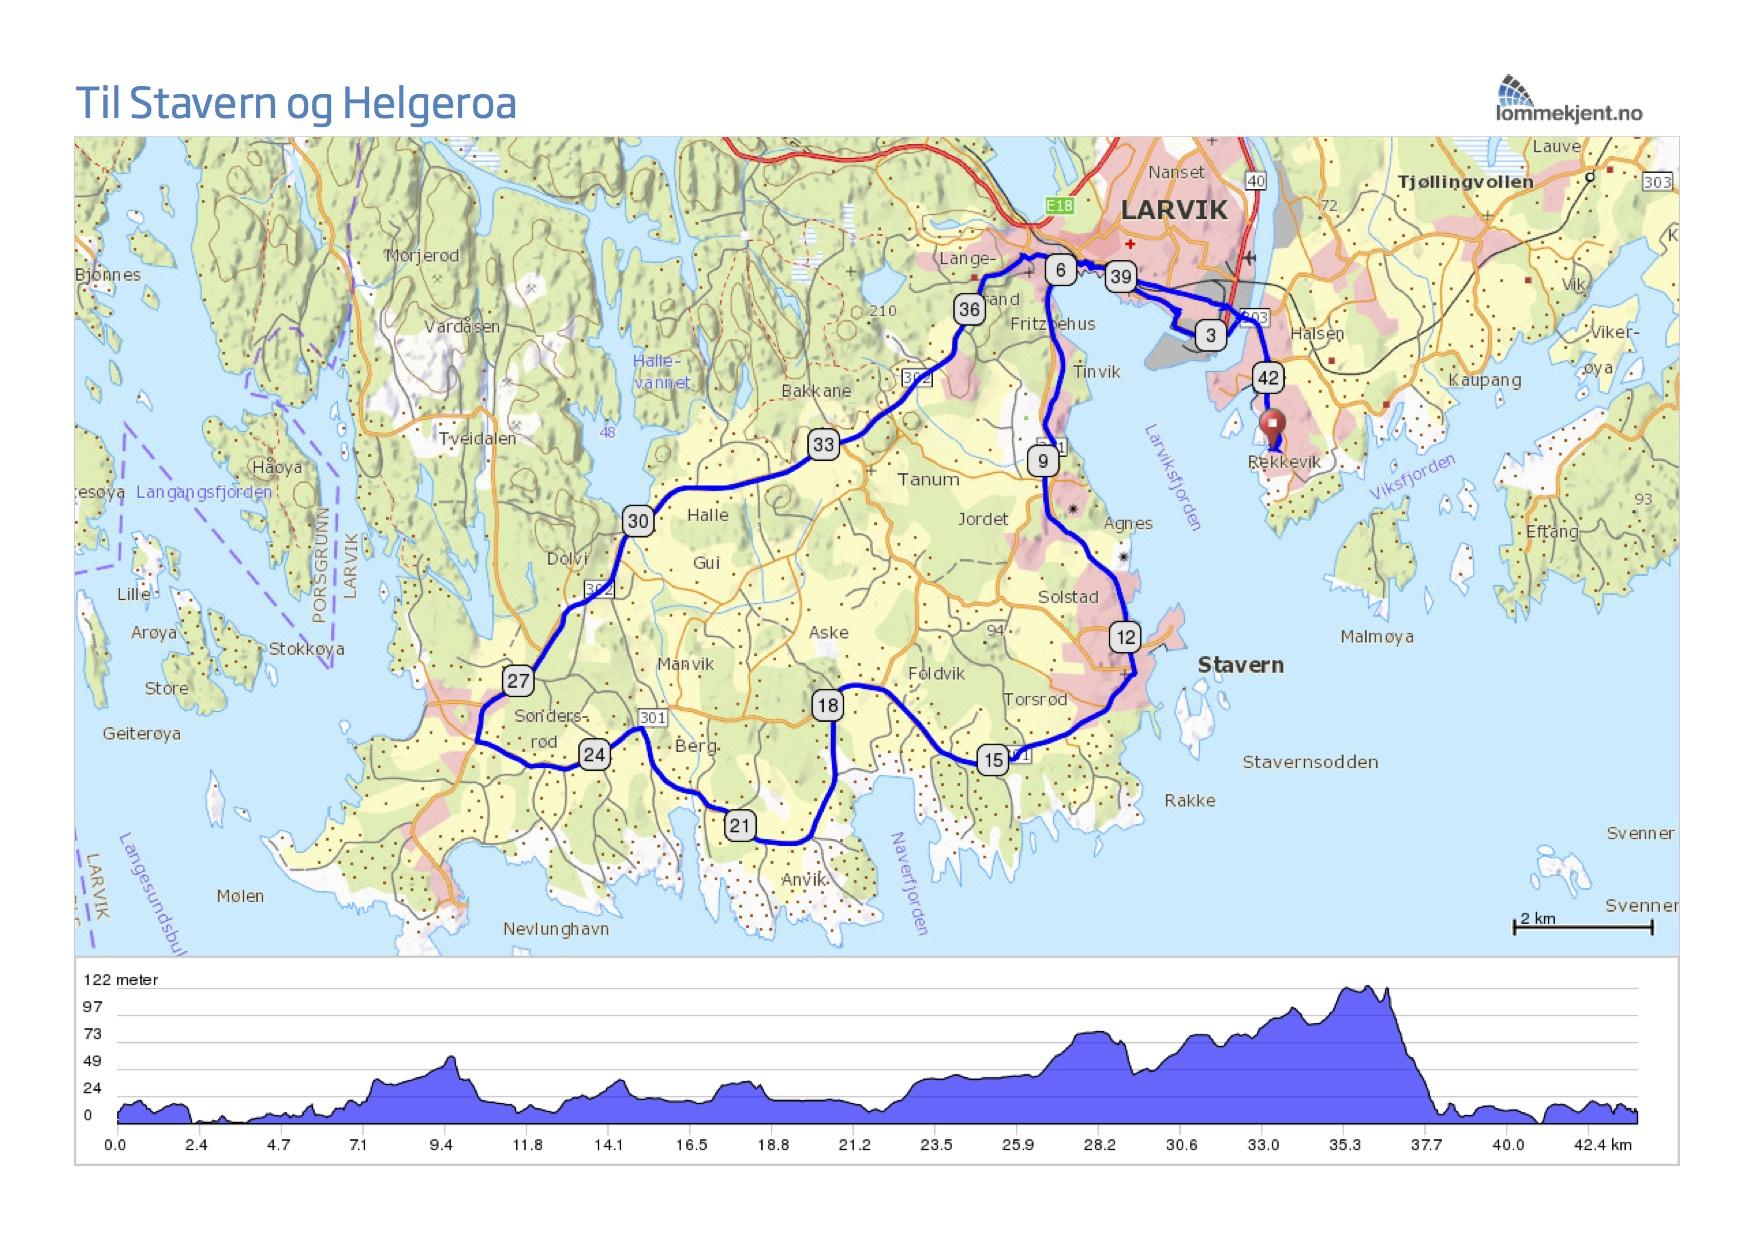 kart helgeroa Tur til Stavern og Helgeroa kart helgeroa